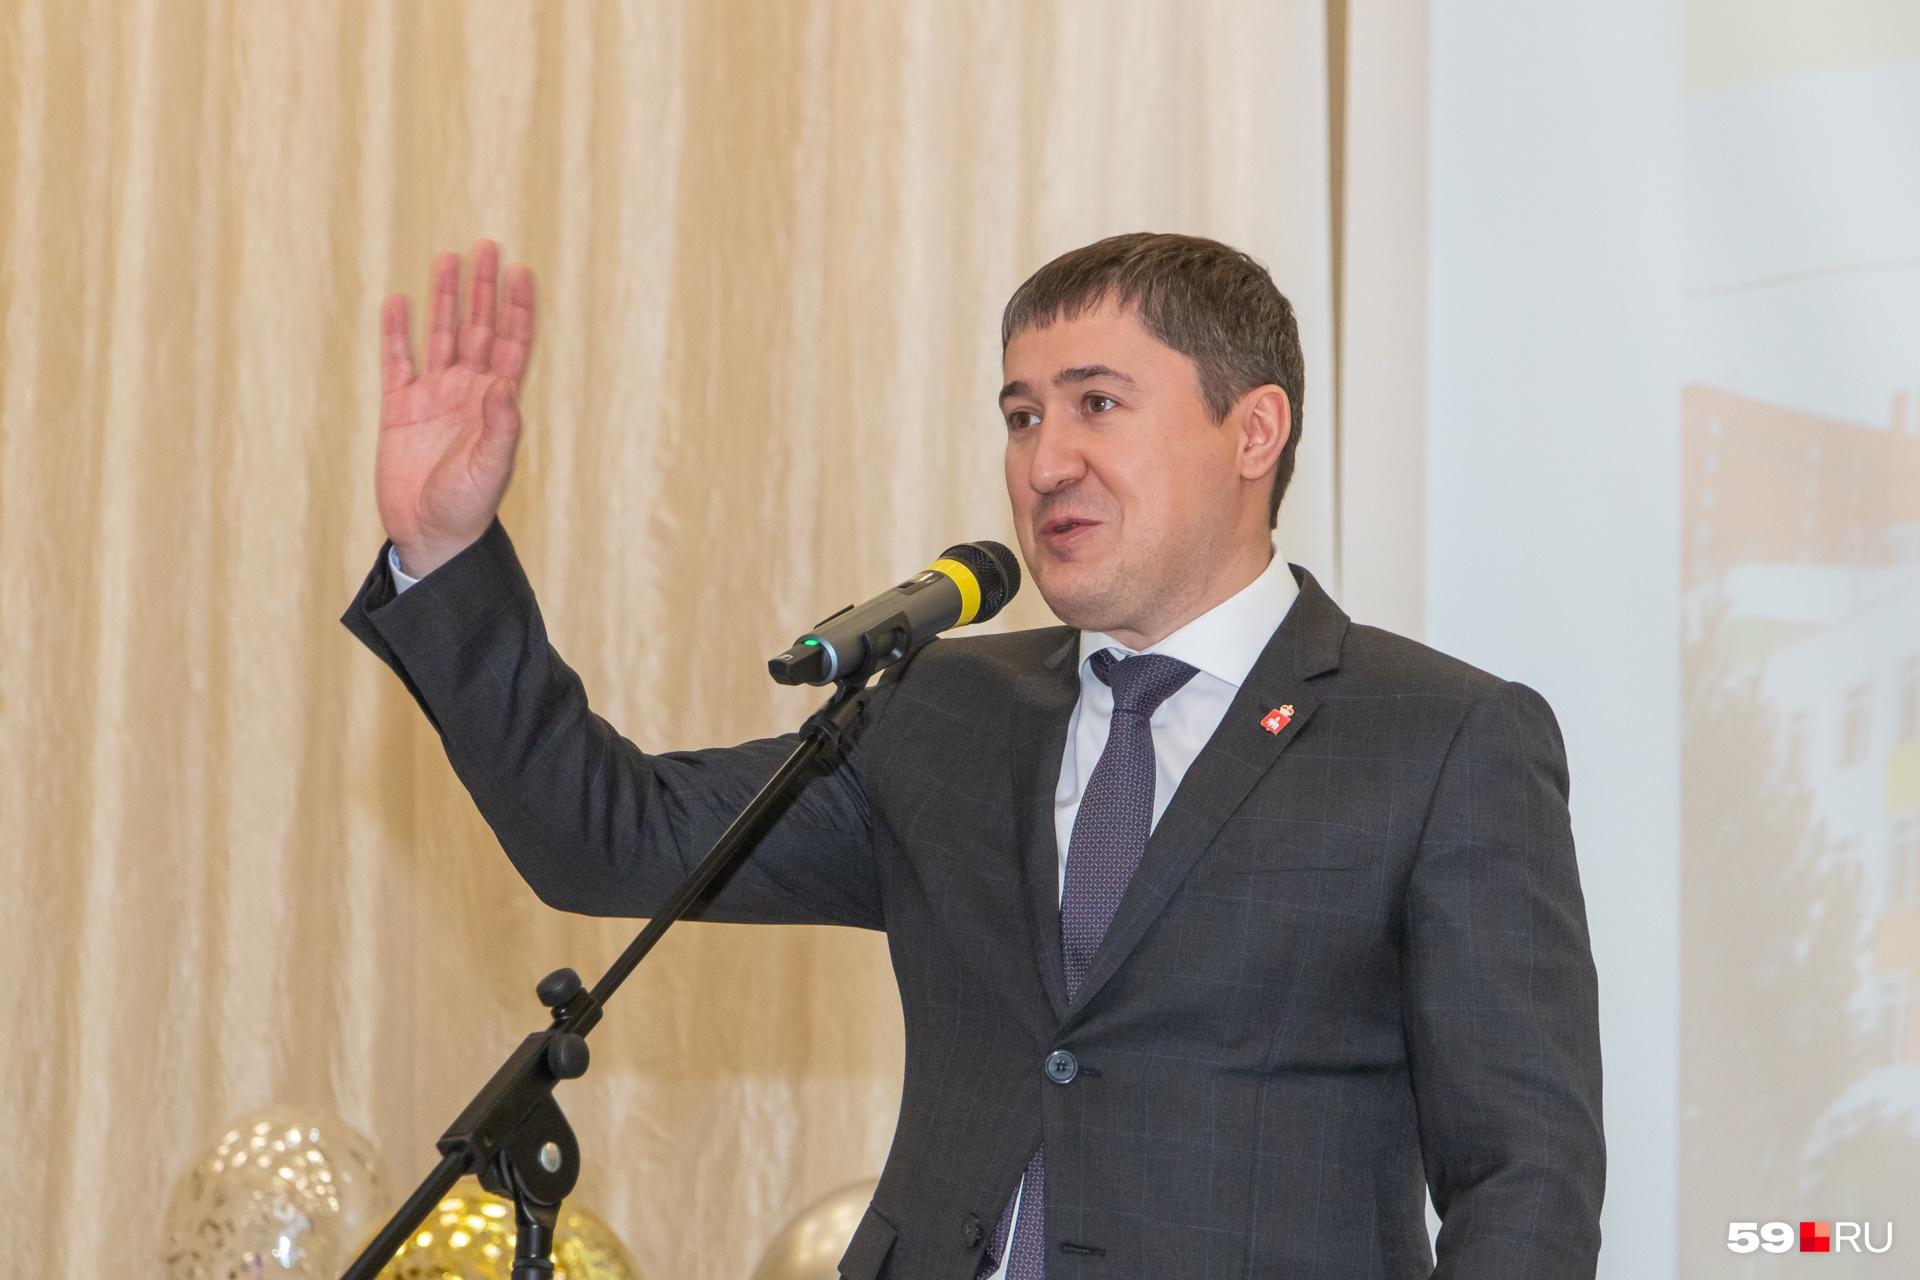 Поздравить школу приехал губернатор Пермского края